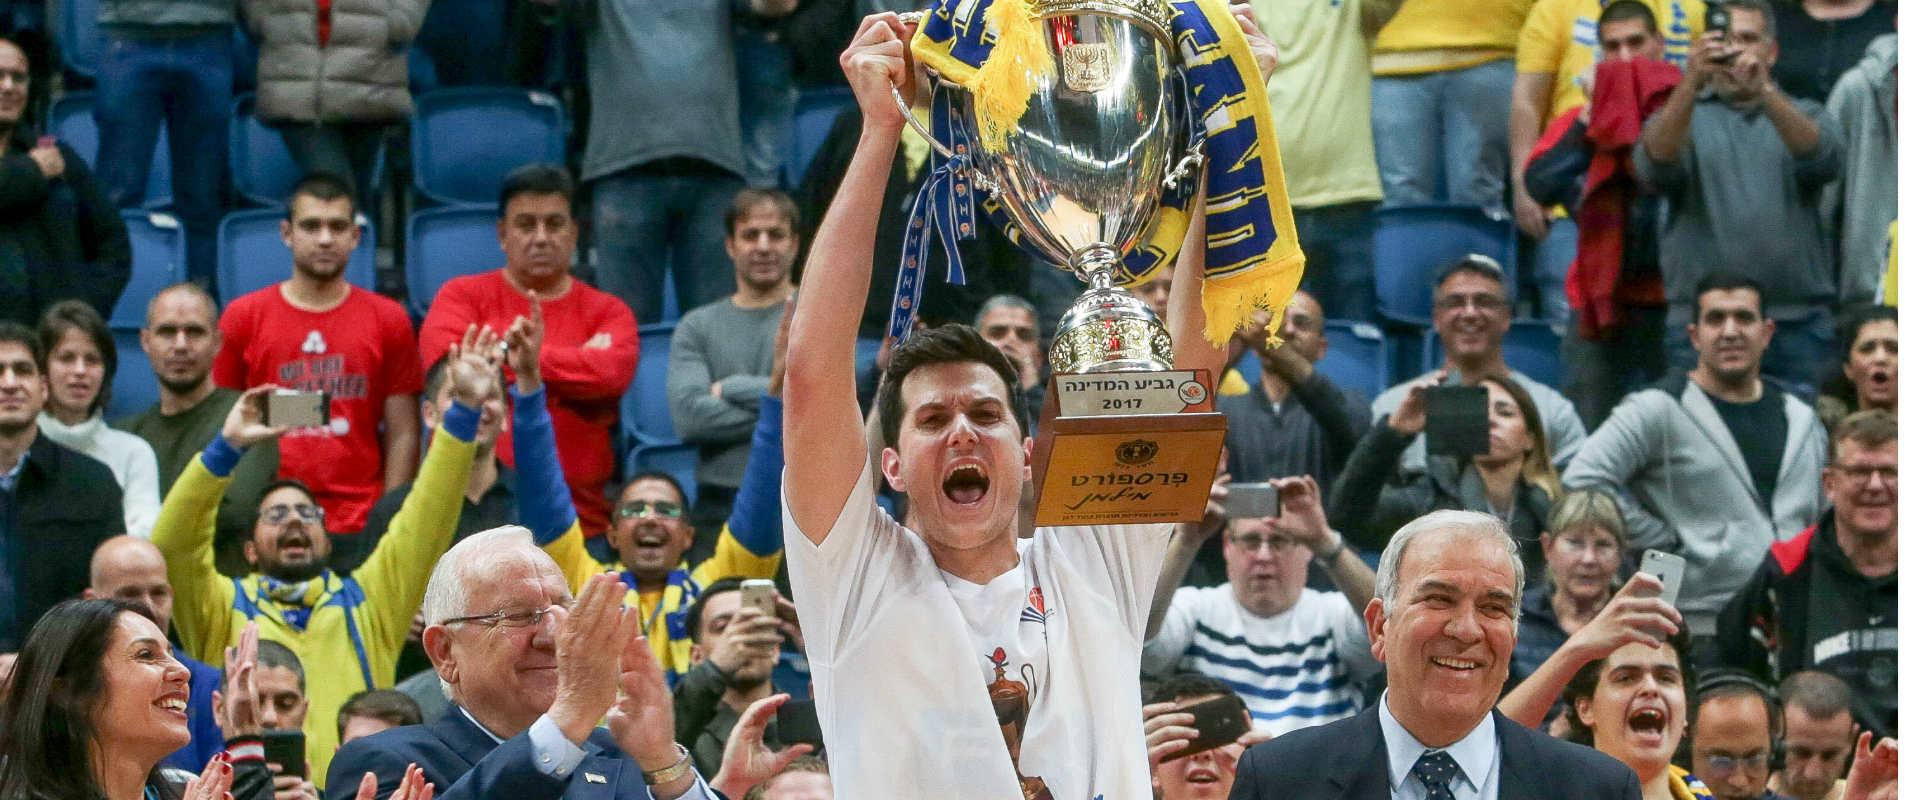 גיא פניני חוגג עם גביע המדינה